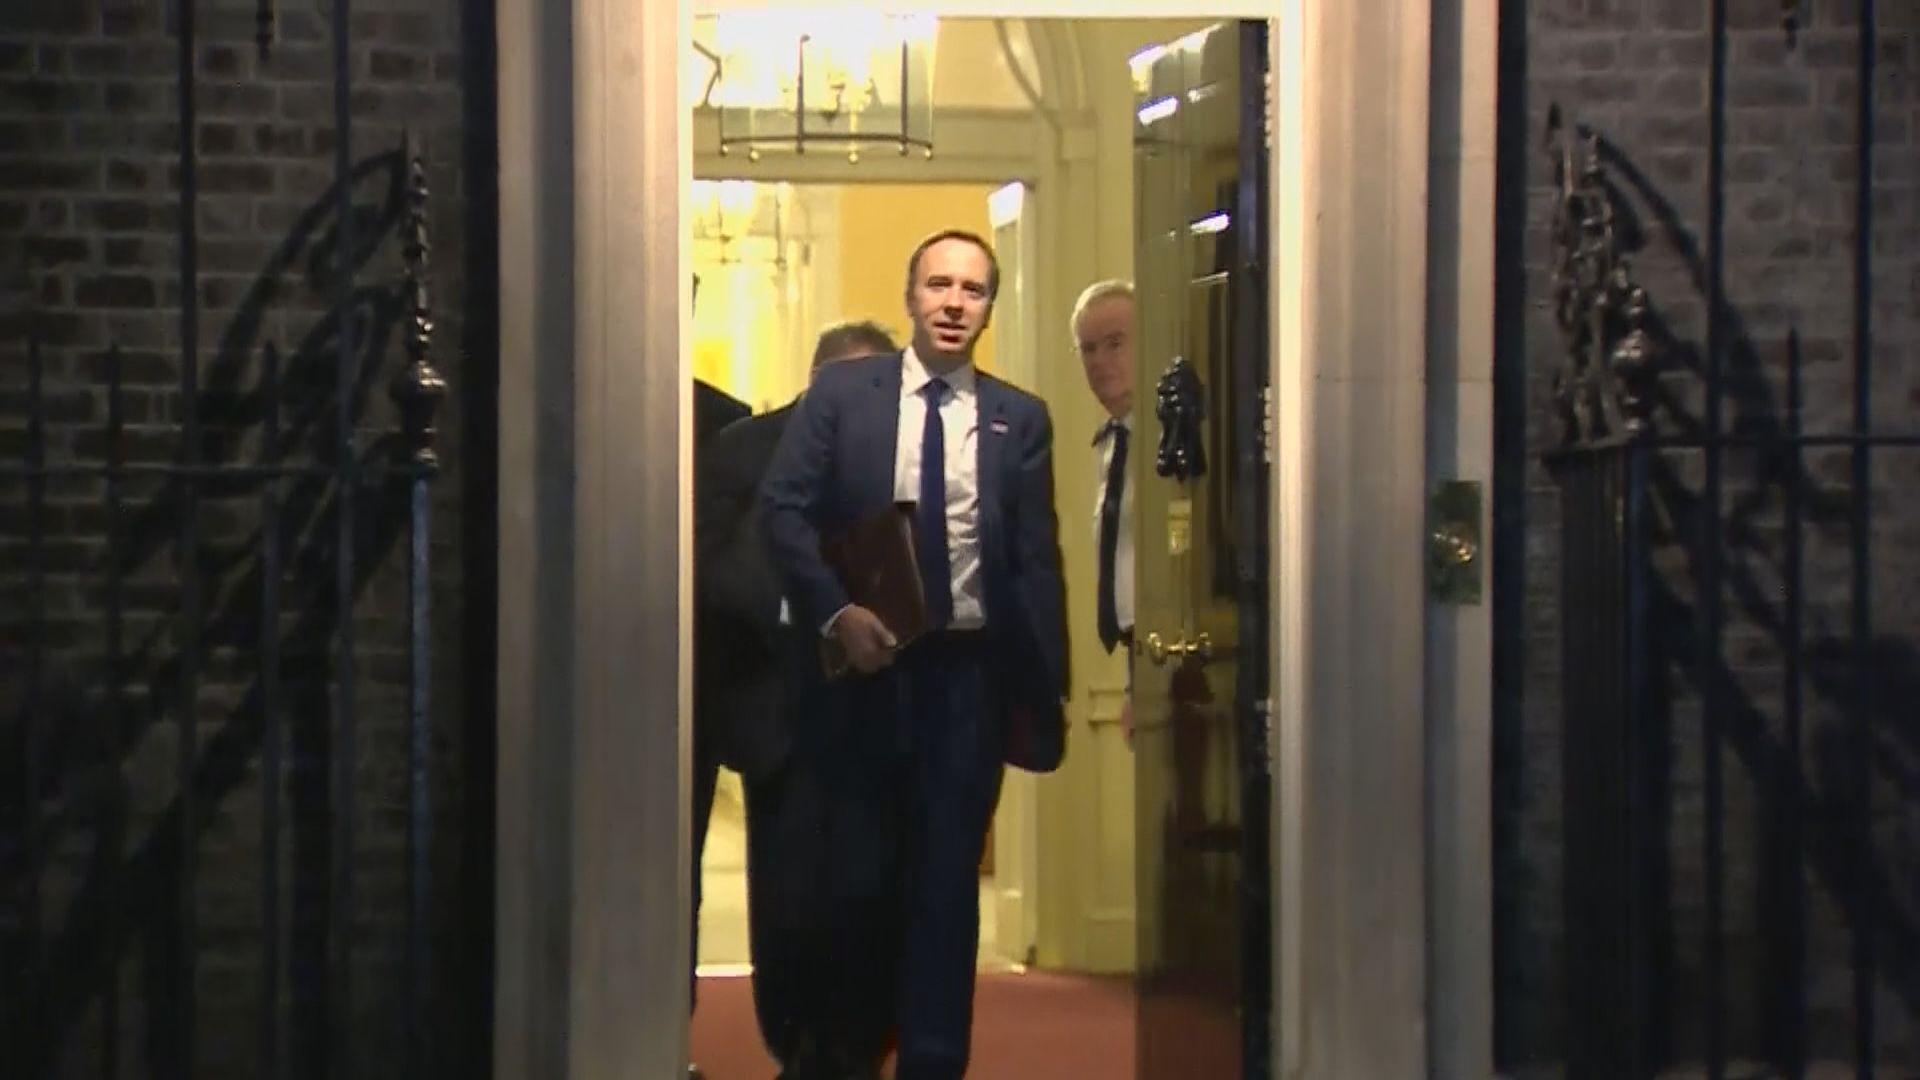 初步消息指多名英國重臣支持脫歐協議草案